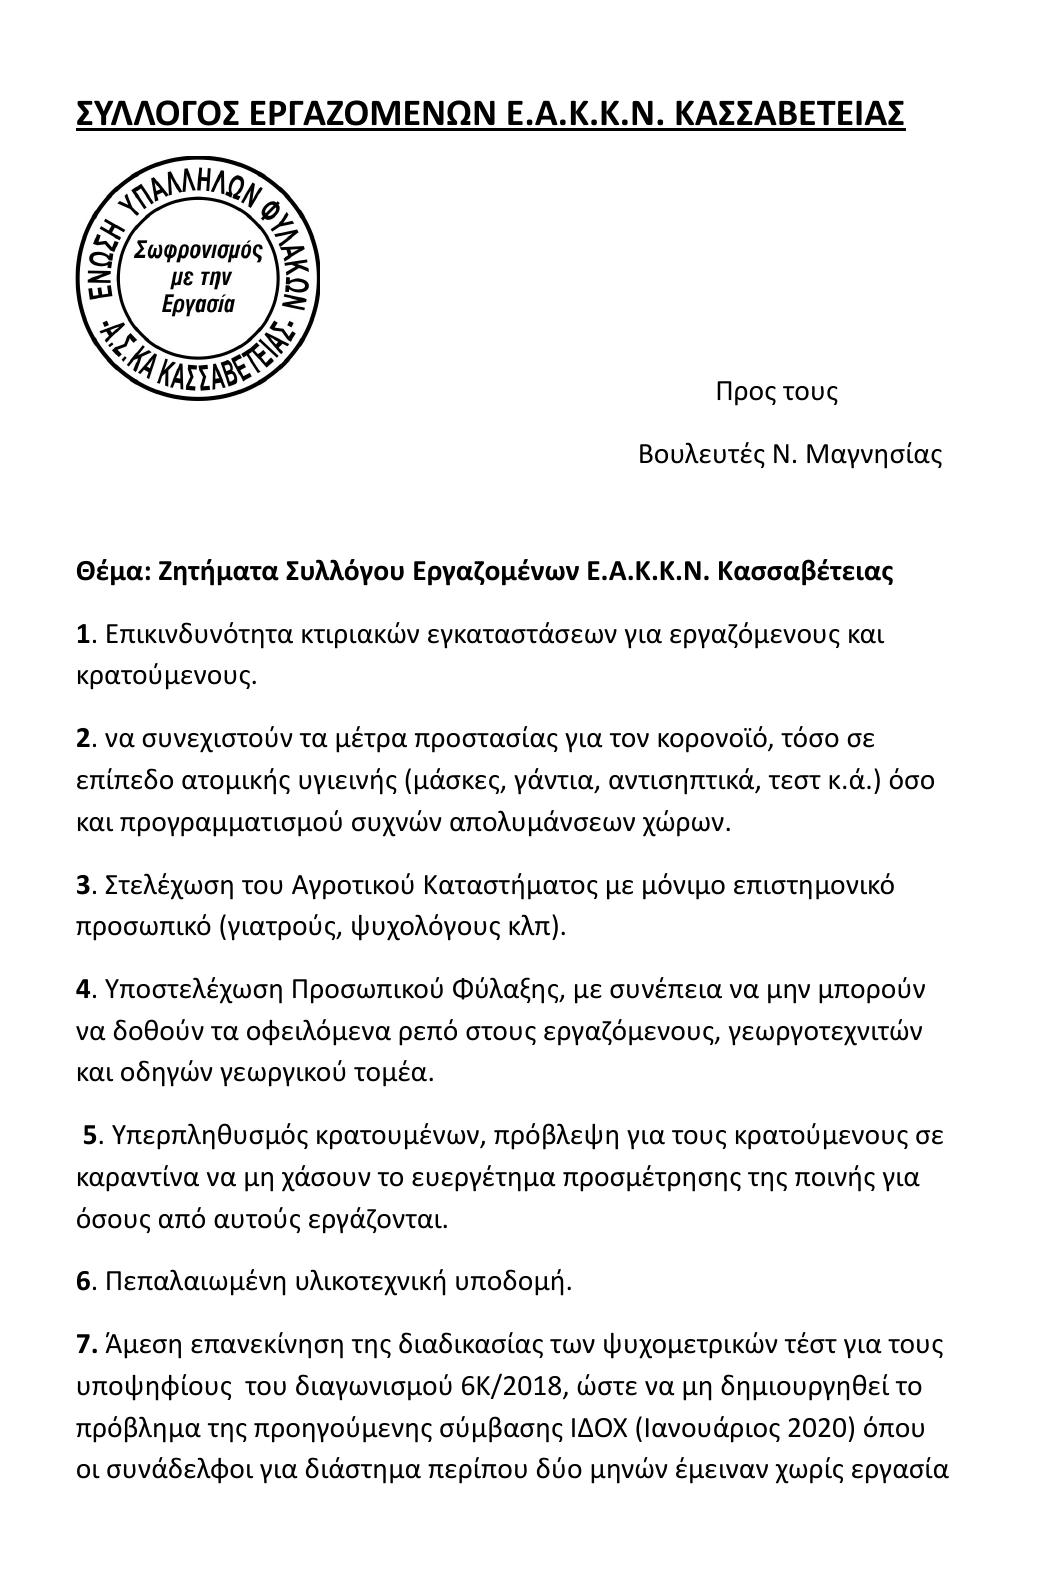 Κατέθεσε αναφορά ο Λαμπρούλης την επιστολή του Συλλόγου Εργαζομένων Ε.Α.Κ.Κ.Ν. Κασσαβέτειας